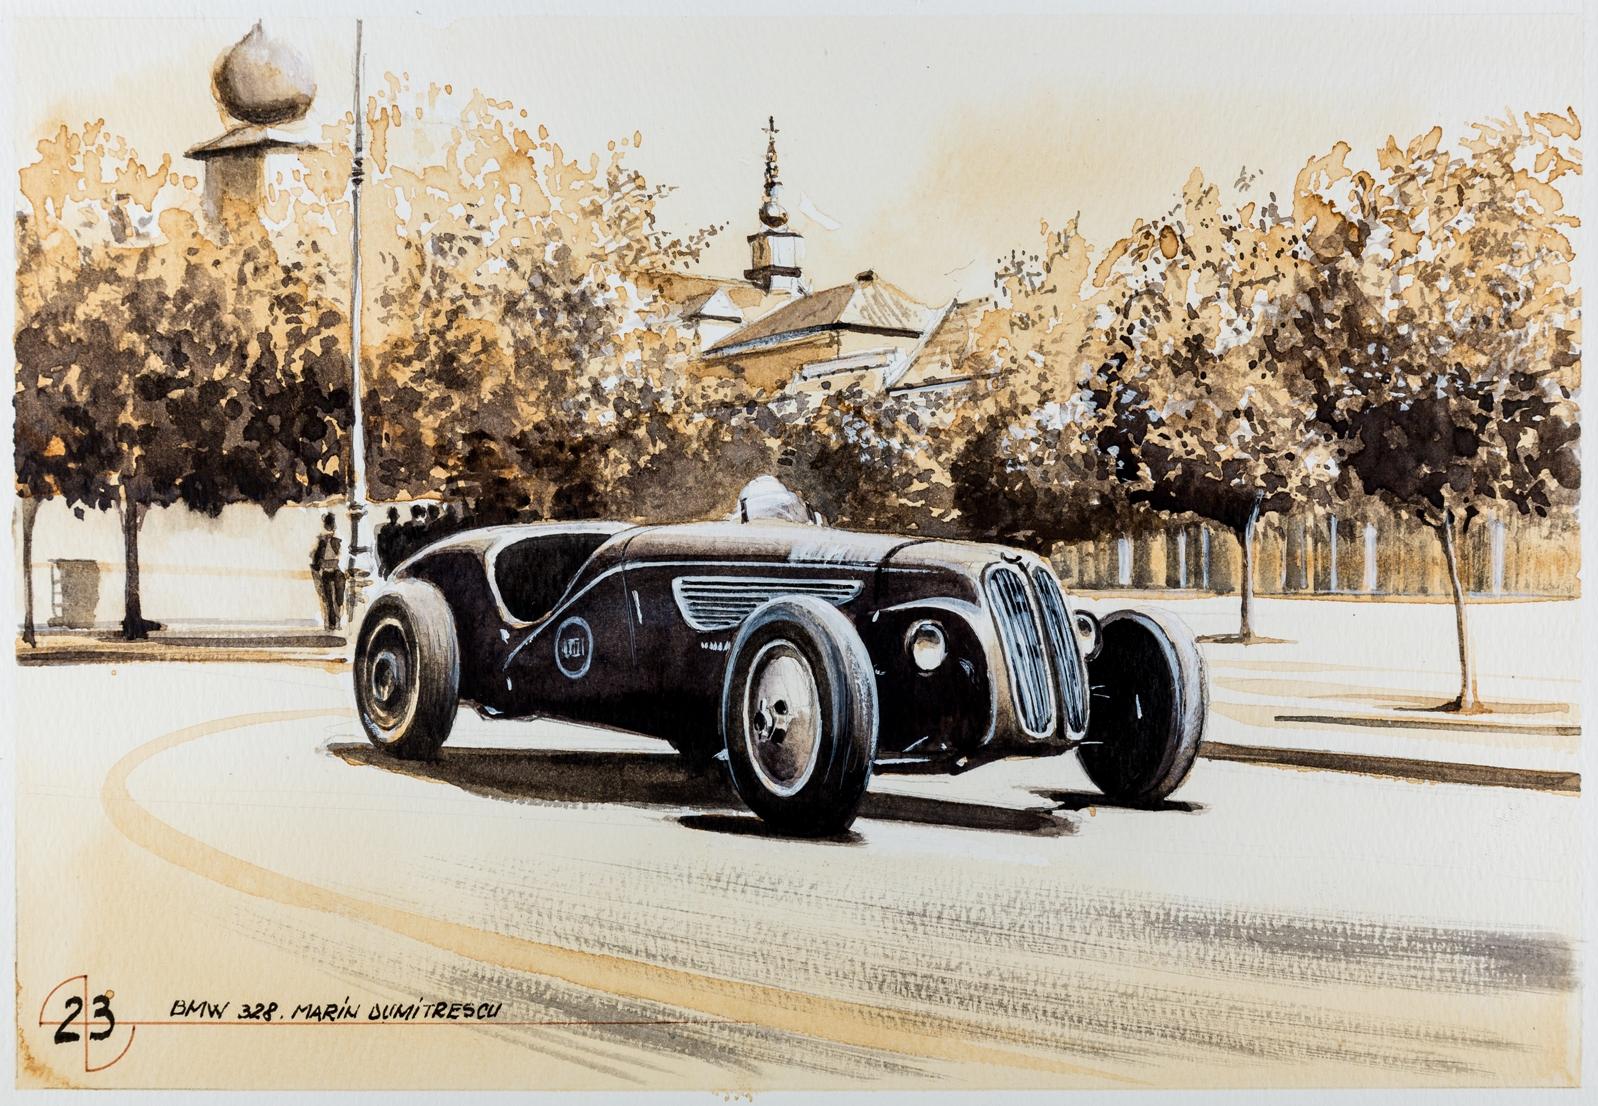 100 de ani de istorie BMW exploraţi prin 101 picturi in premiera in SUA